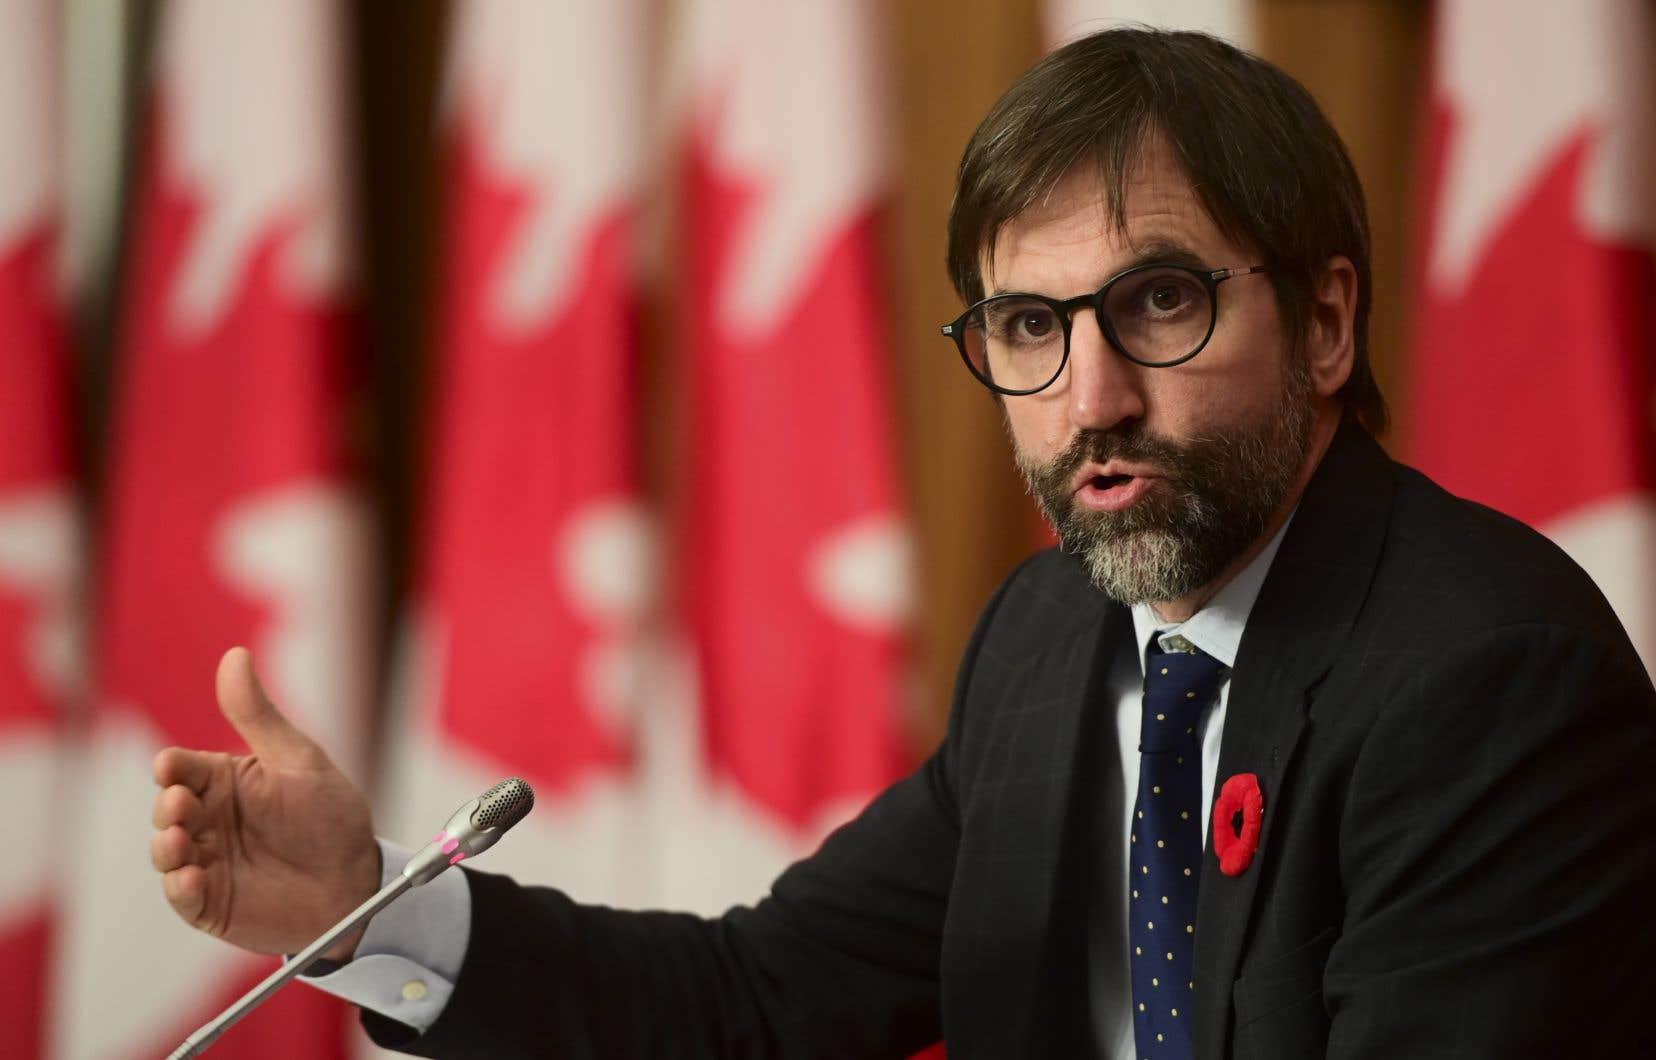 «La population canadienne en a un peu marre de voir ce discours haineux prendre de plus en plus de place. […] La population nous demande d'agir», estime Steven Guilbeault.